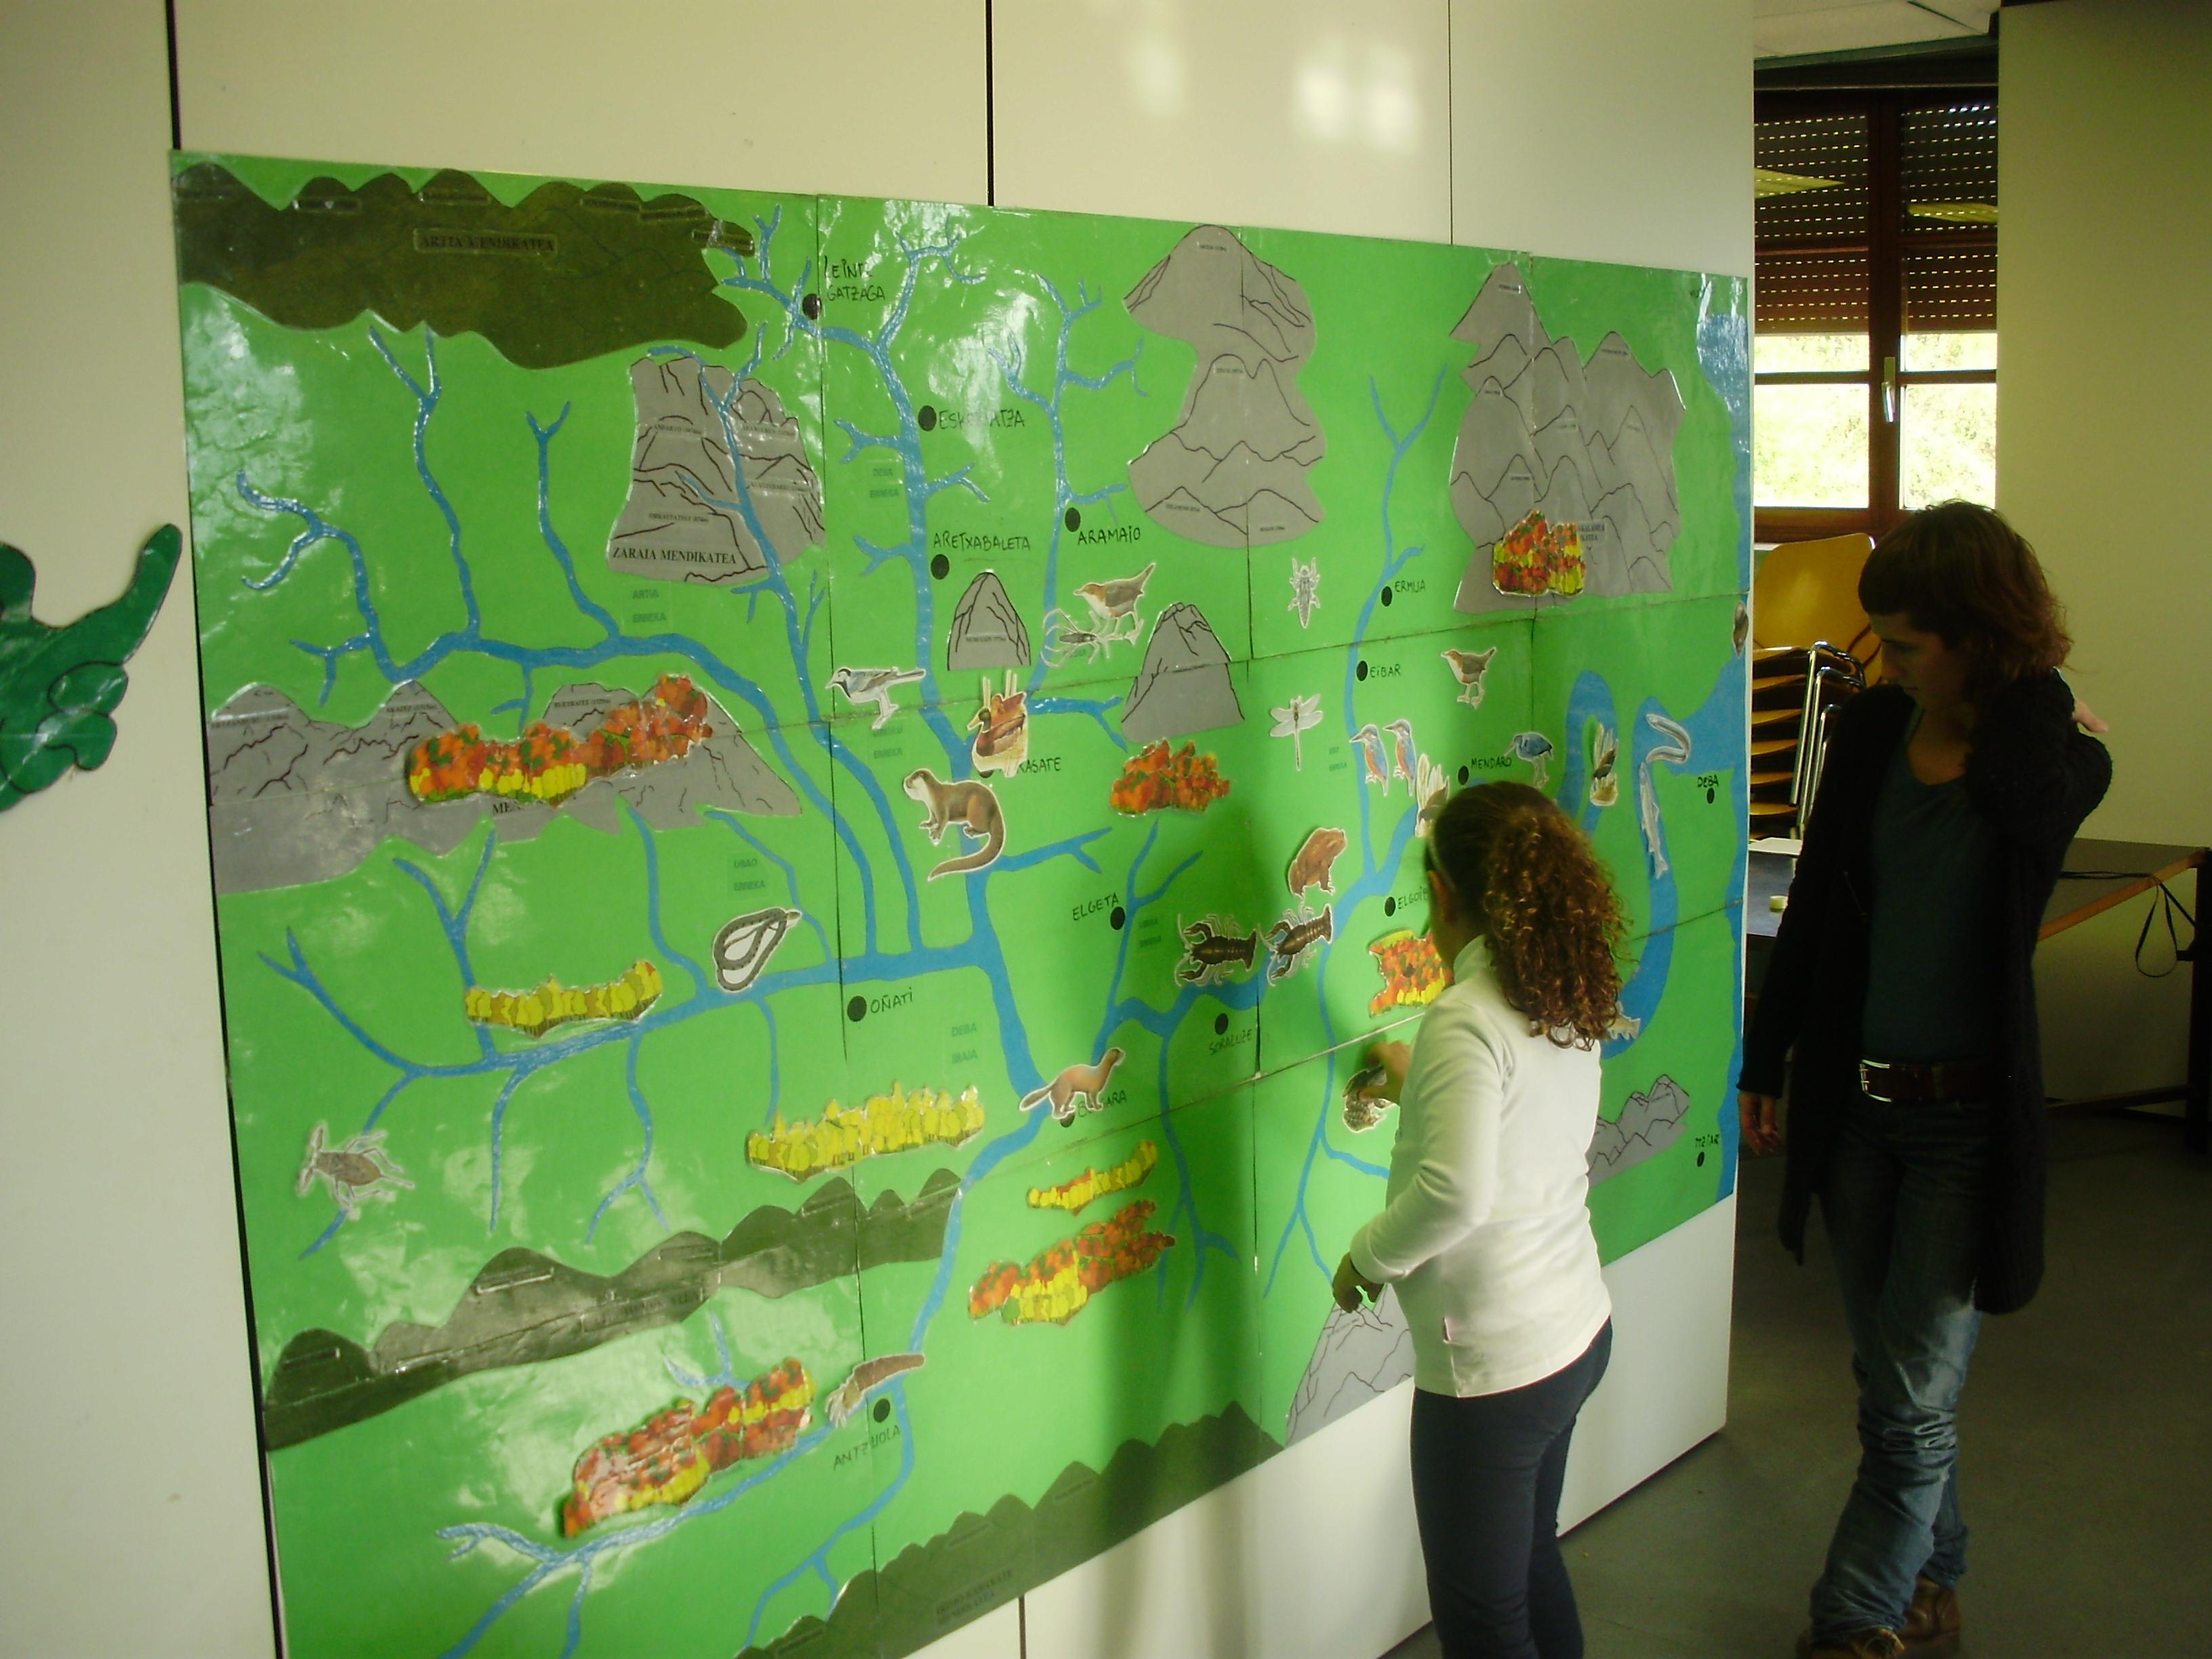 Ibaiko bizidunak ezagutzeko murala